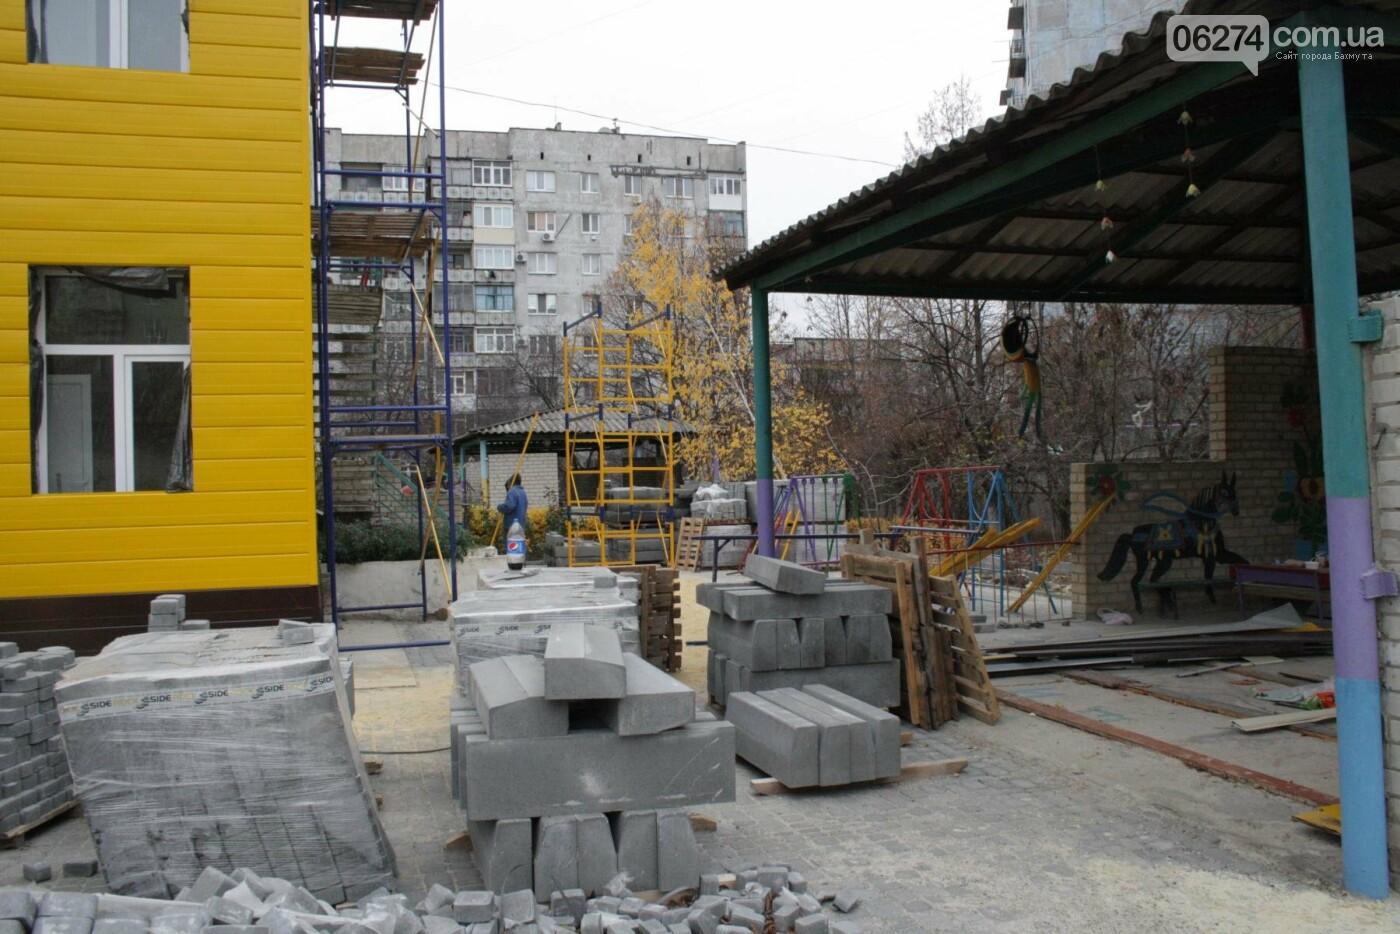 Городской голова Бахмута проинспектировал объекты реконструкции, фото-20